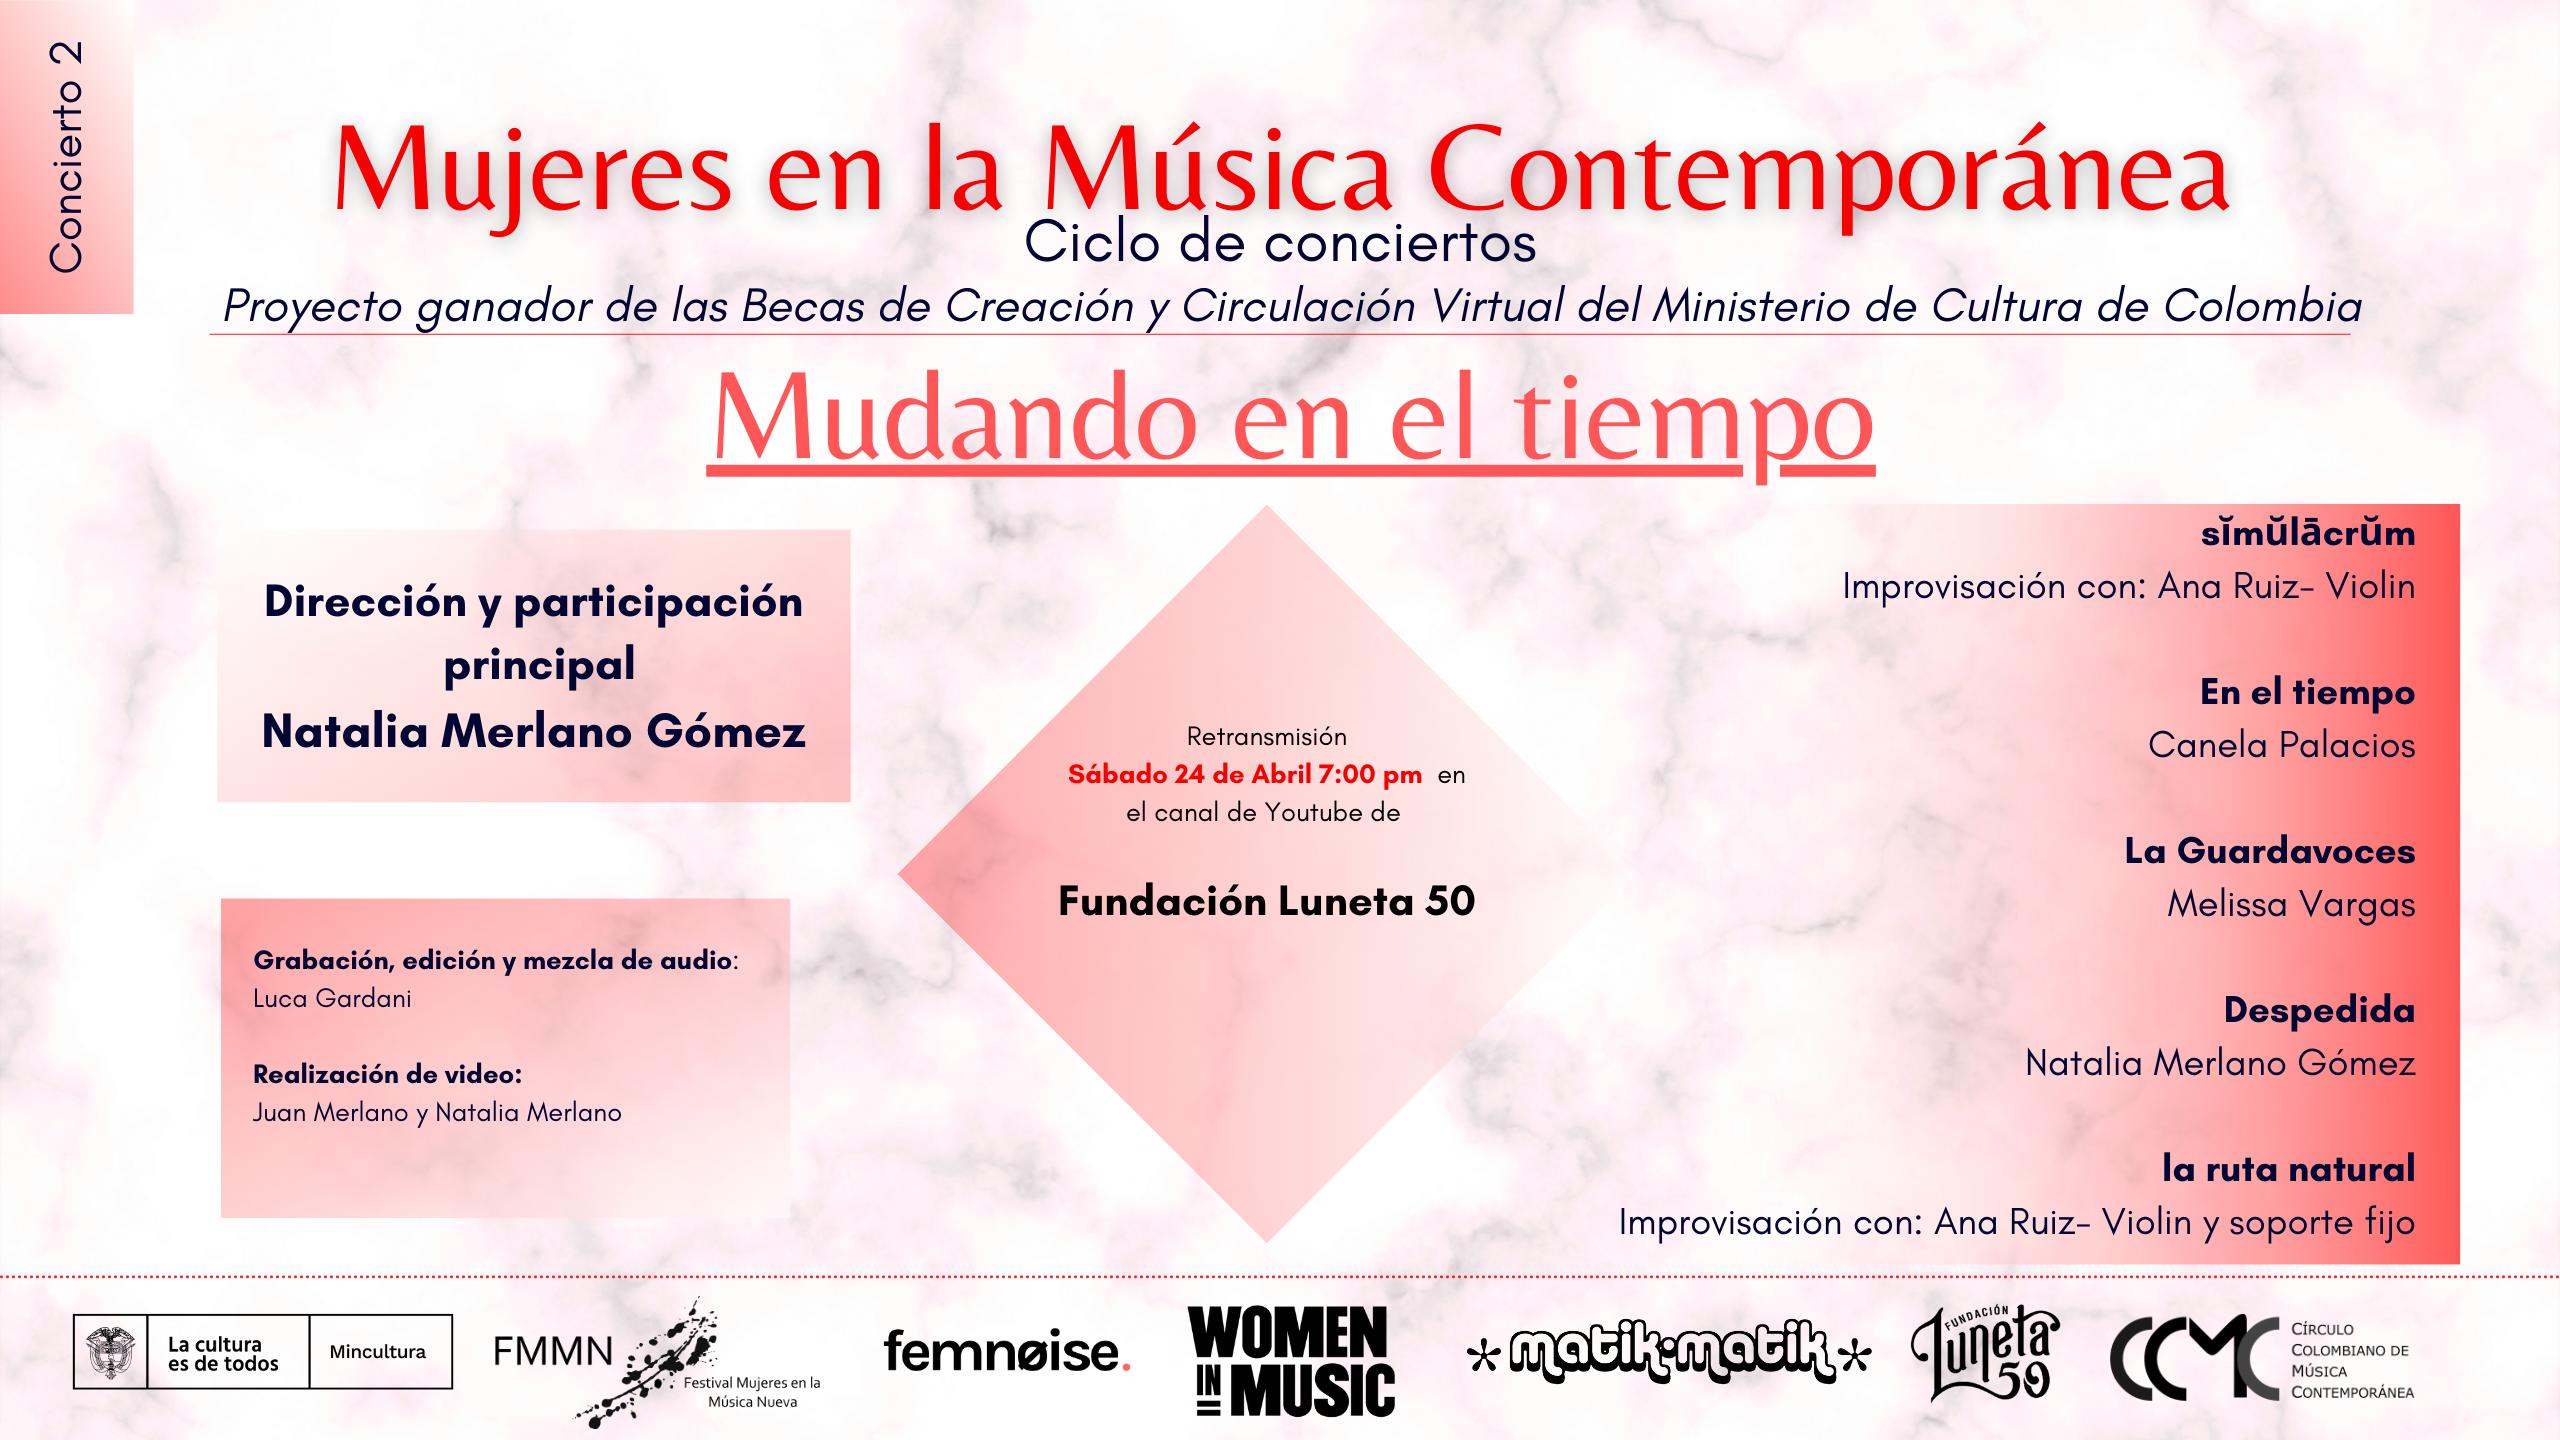 """""""MUDANDO EL TIEMPO"""",  CONCIERTO VIRTUAL DEL CICLO  MUJERES EN LA MÚSICA CONTEMPORÁNEA - TARJETA-PROMOCION-MUDANDO-EL-TIEMPO-CONCIERTO-MUSICA-CONTEMPORANEA-Natalia-Merlano"""